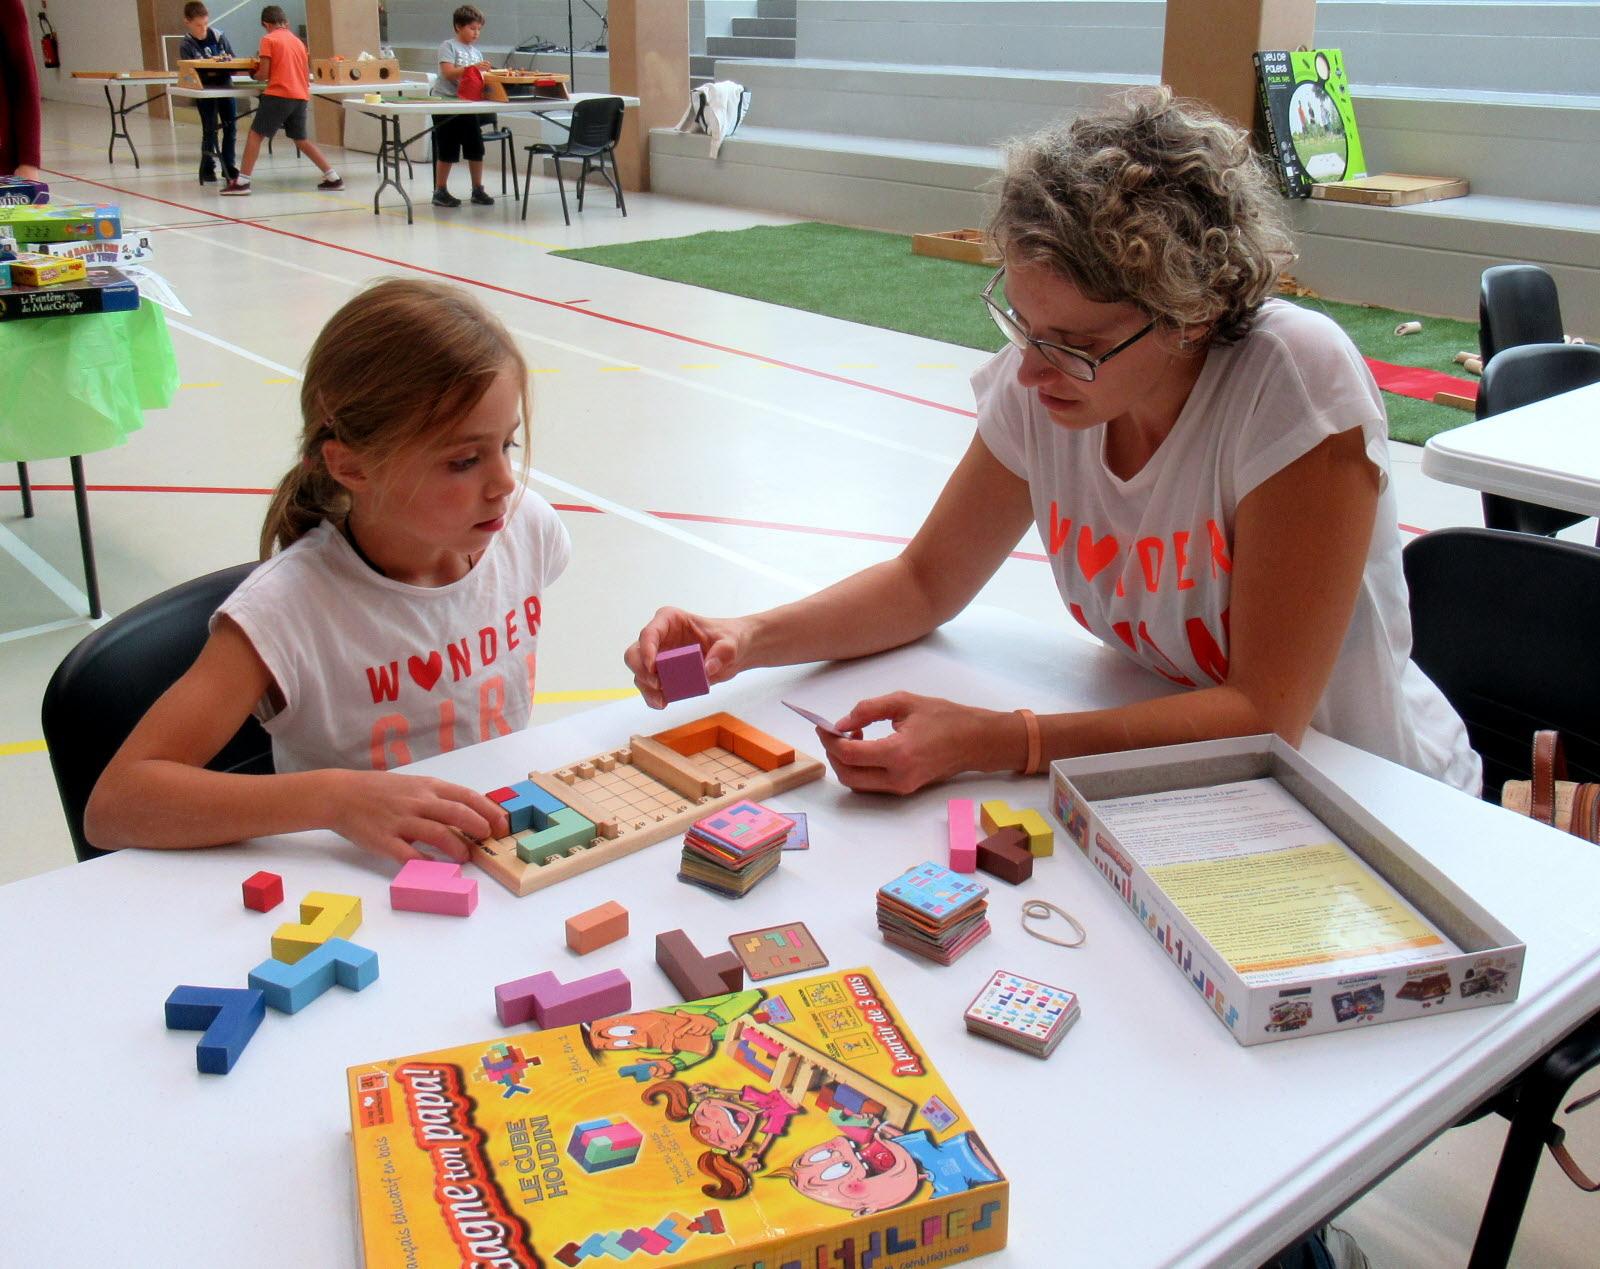 Lozanne | Lozanne : Un Festival De Jeux Gratuit Pour Petits destiné Jeux Gratuits Pour Enfants De 3 Ans